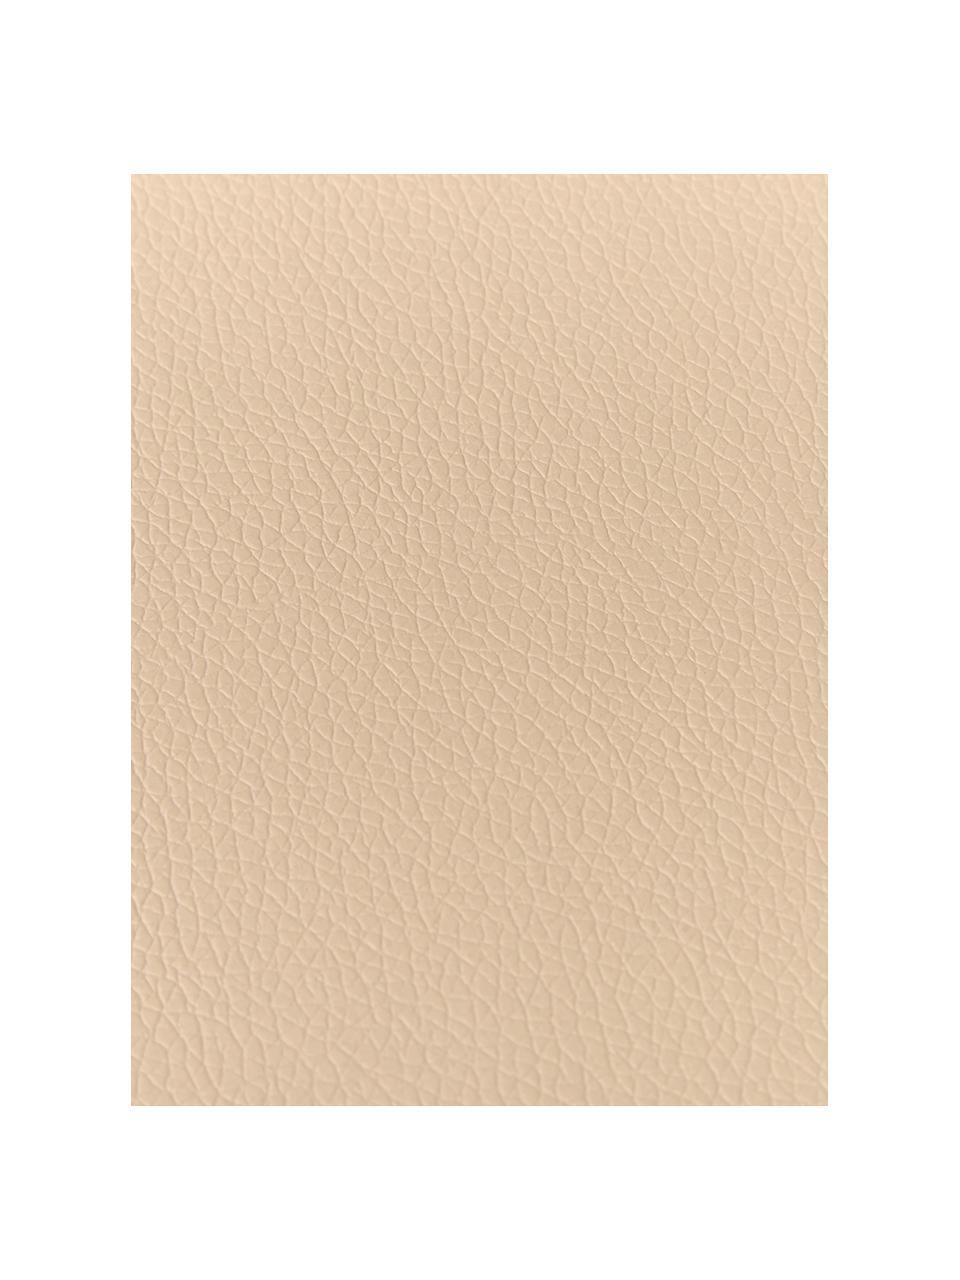 Ronde placemats Asia, 2 stuks, Kunstleer (PVC), Beige, Ø 38 cm